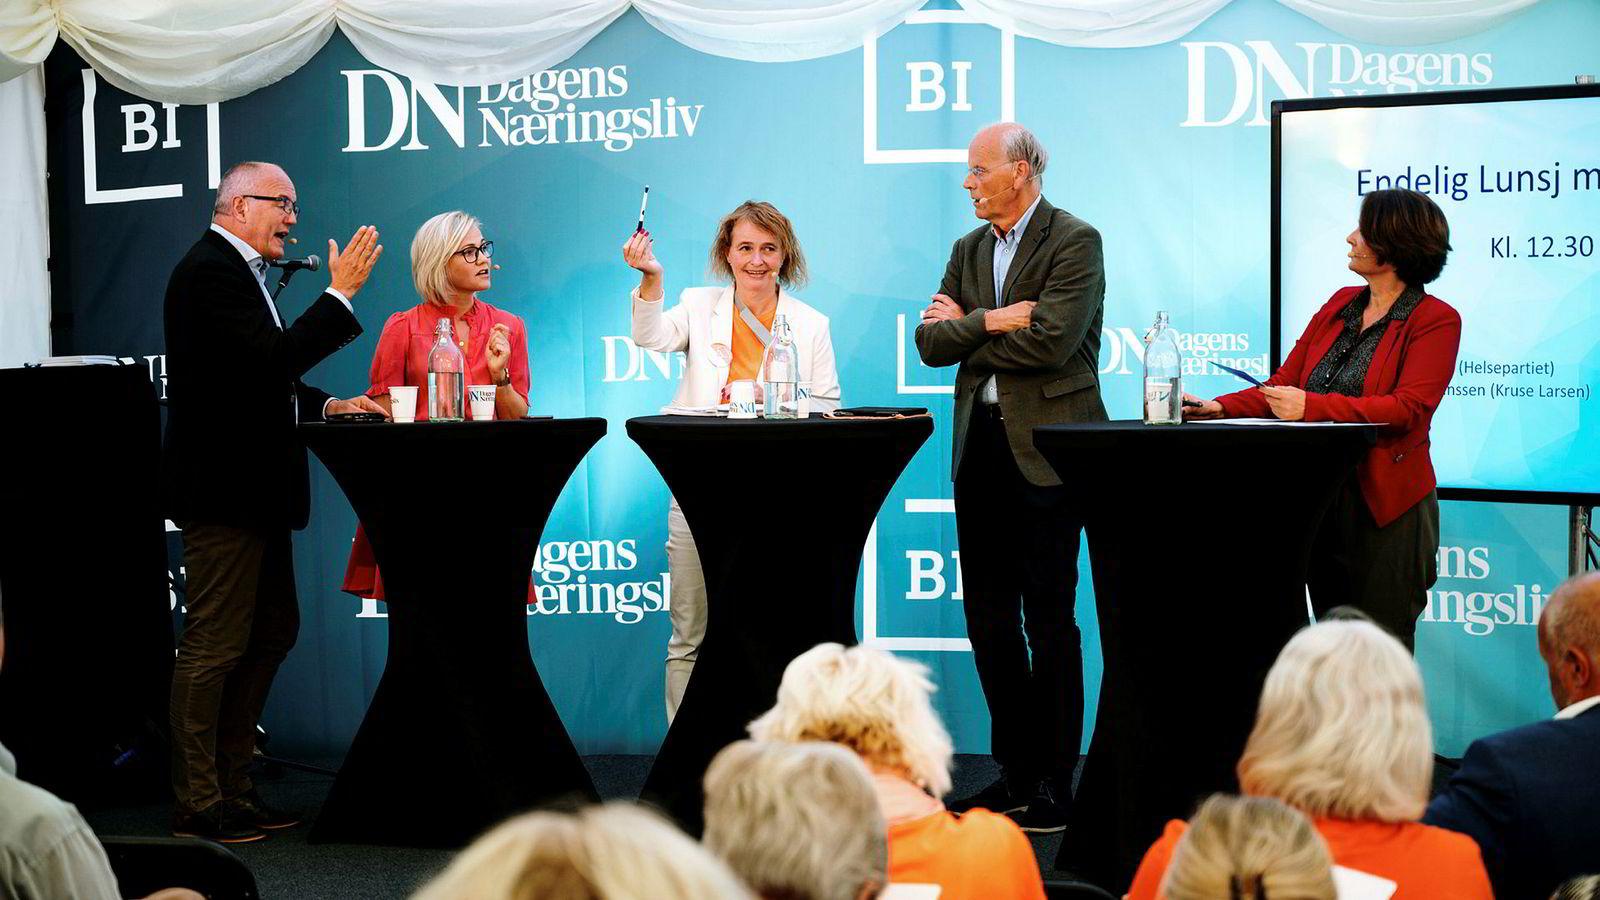 Fra venstre Gunnar Bovim, styreleder ved Oslo universitetssykehus, Ingvild Kjerkol (Ap), Lene Haug, initiativtager Redd Ullevål og førstekandidat i Oslo for Helsepartiet, Michael Tetzschner (Høyre) og Eva Grinde.